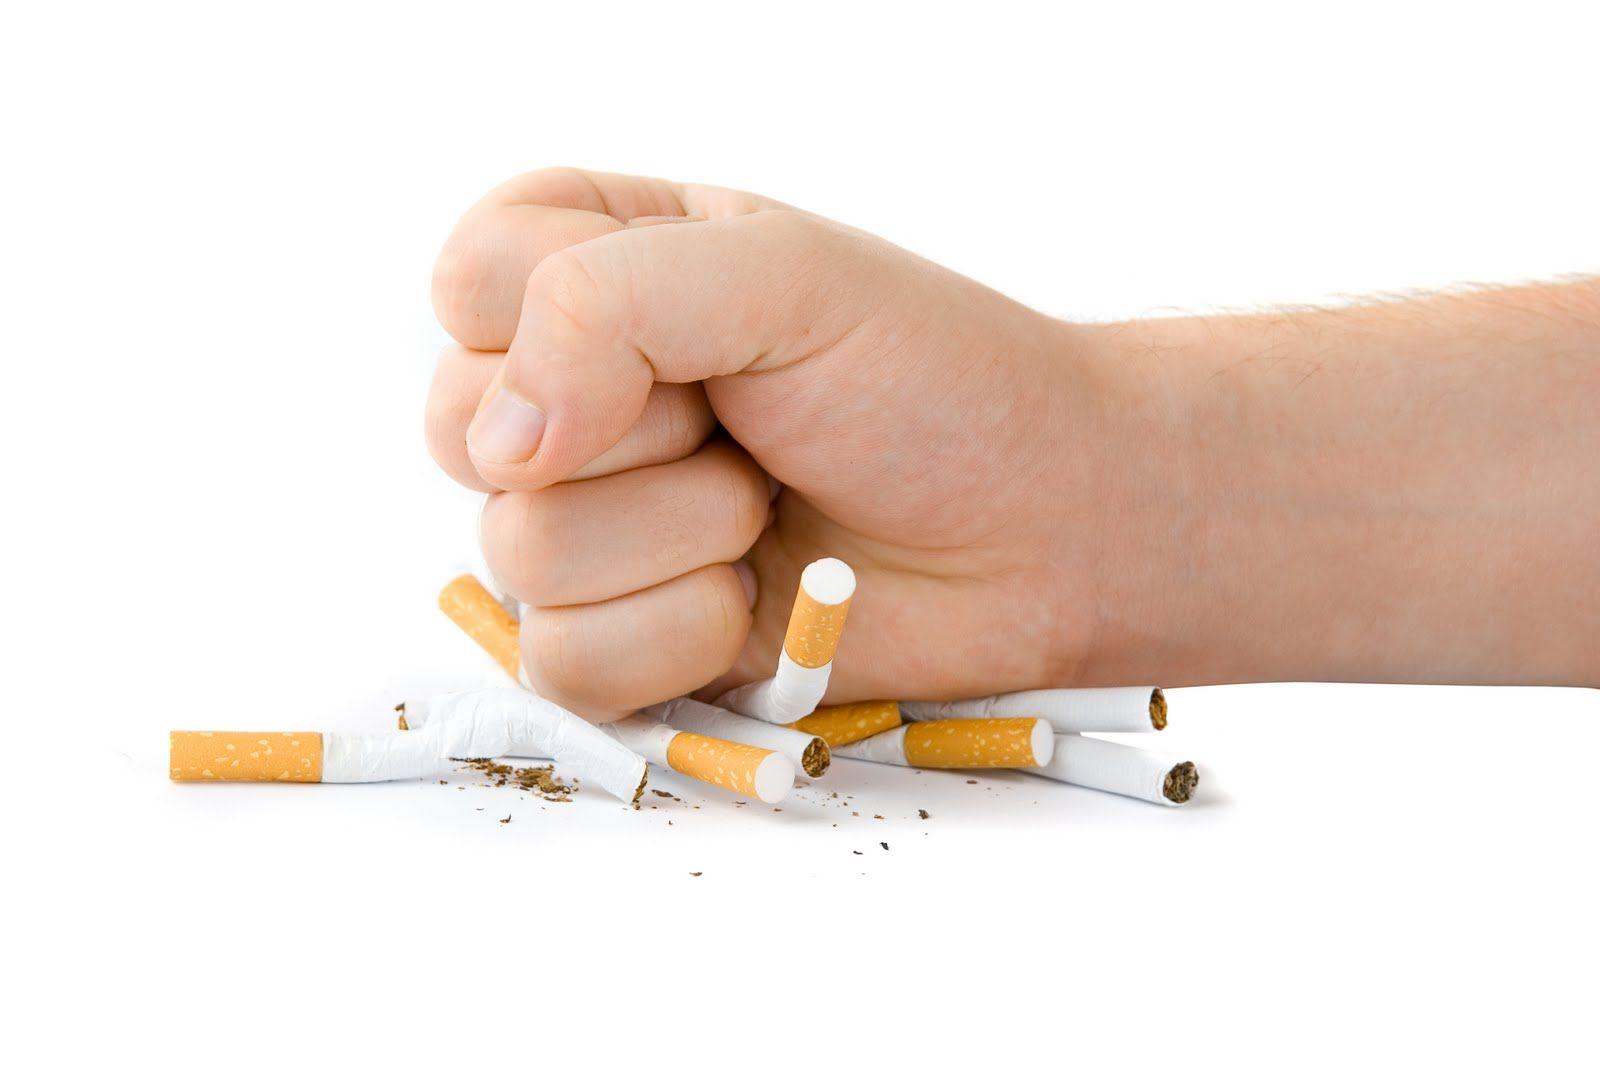 Ziua Mondială fără tutun. Medicii AVERTIZEAZĂ din nou! Este cel mai periculos viciu, PRINCIPALUL factor de RISC în bolile cardiovasculare și Alzheimer